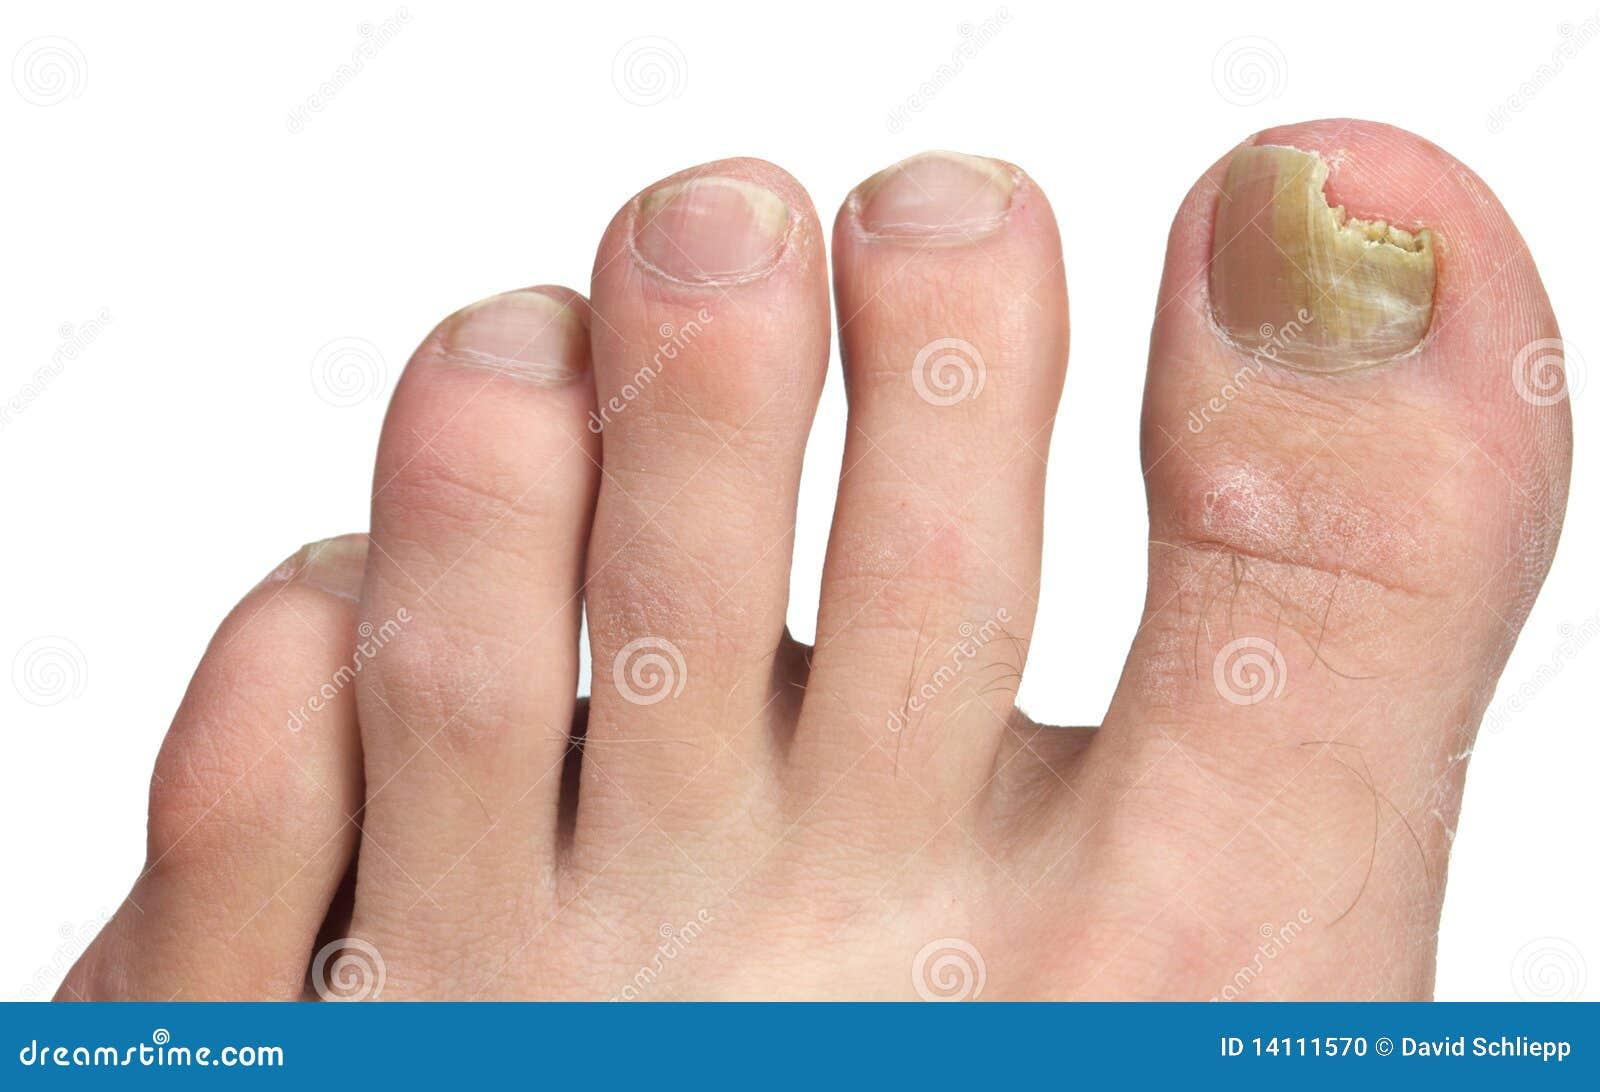 Прелости между пальцев ног 6 фотография